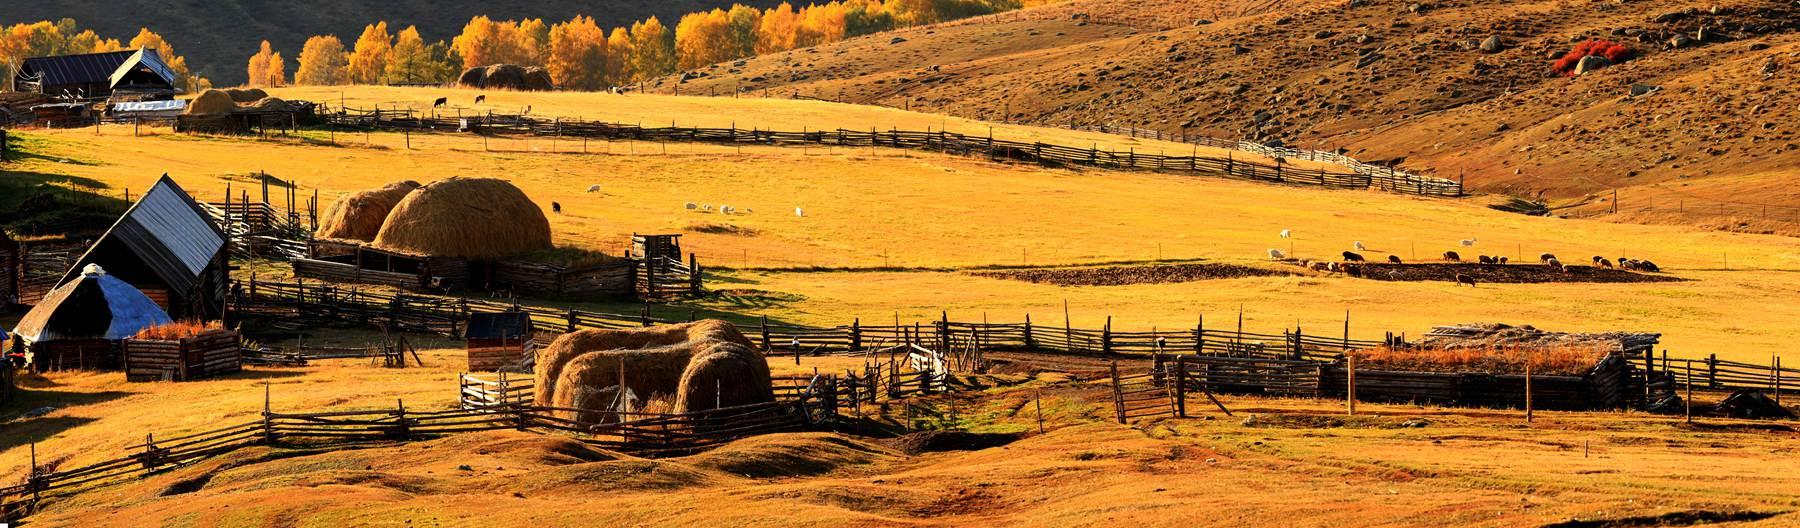 zxz0877作品:图瓦人的牧场